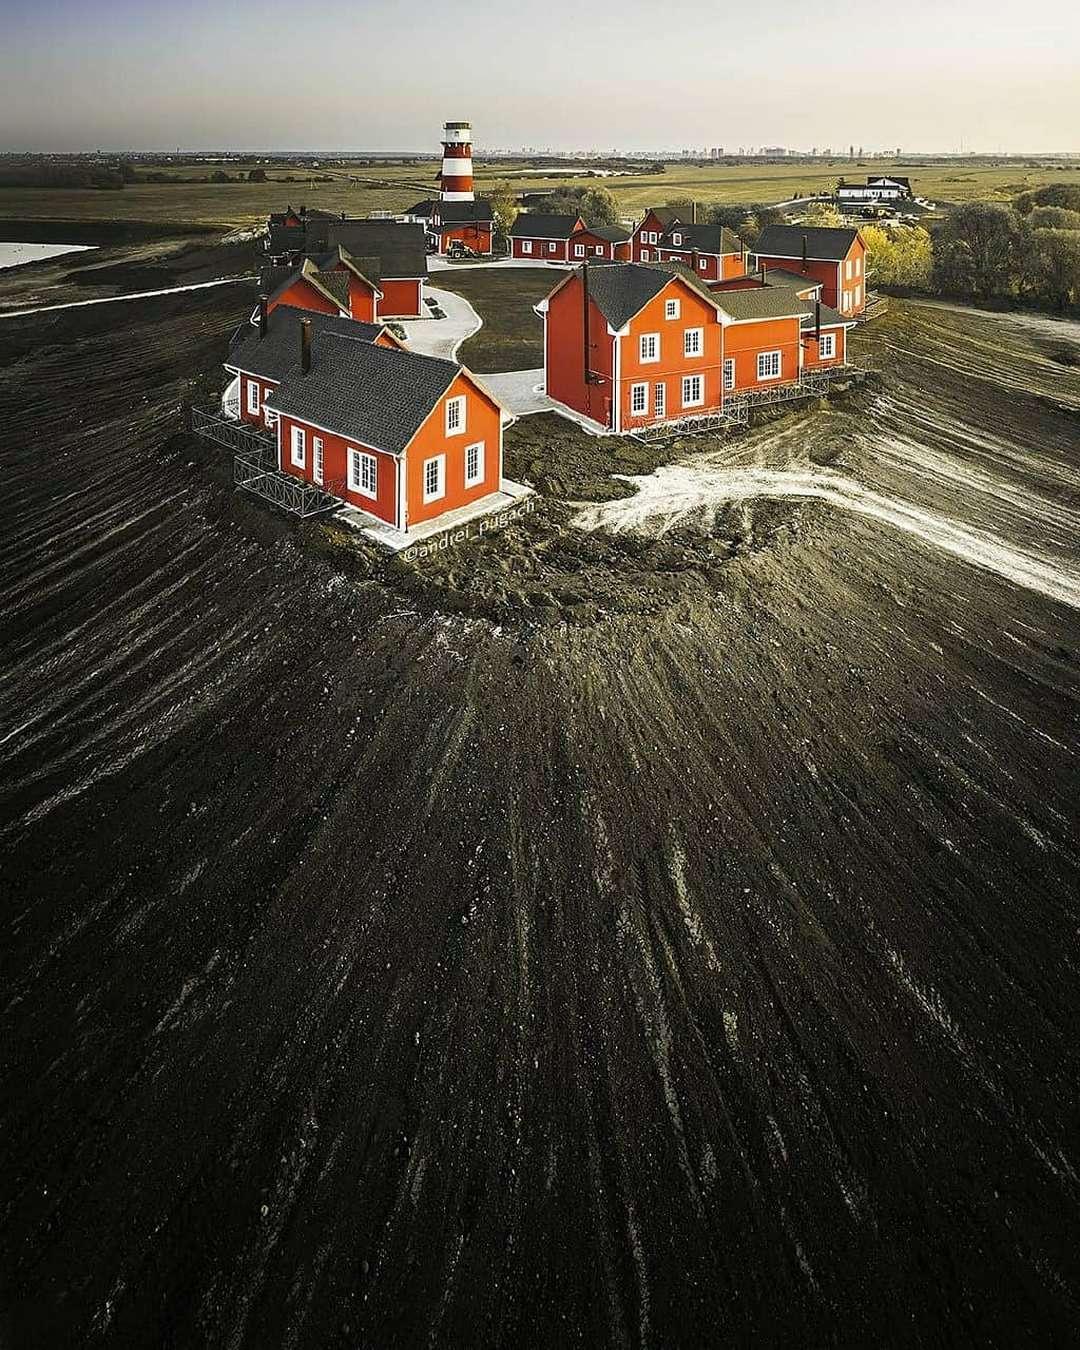 Впечатляющие аэрофотоснимки от Андрея Пугача